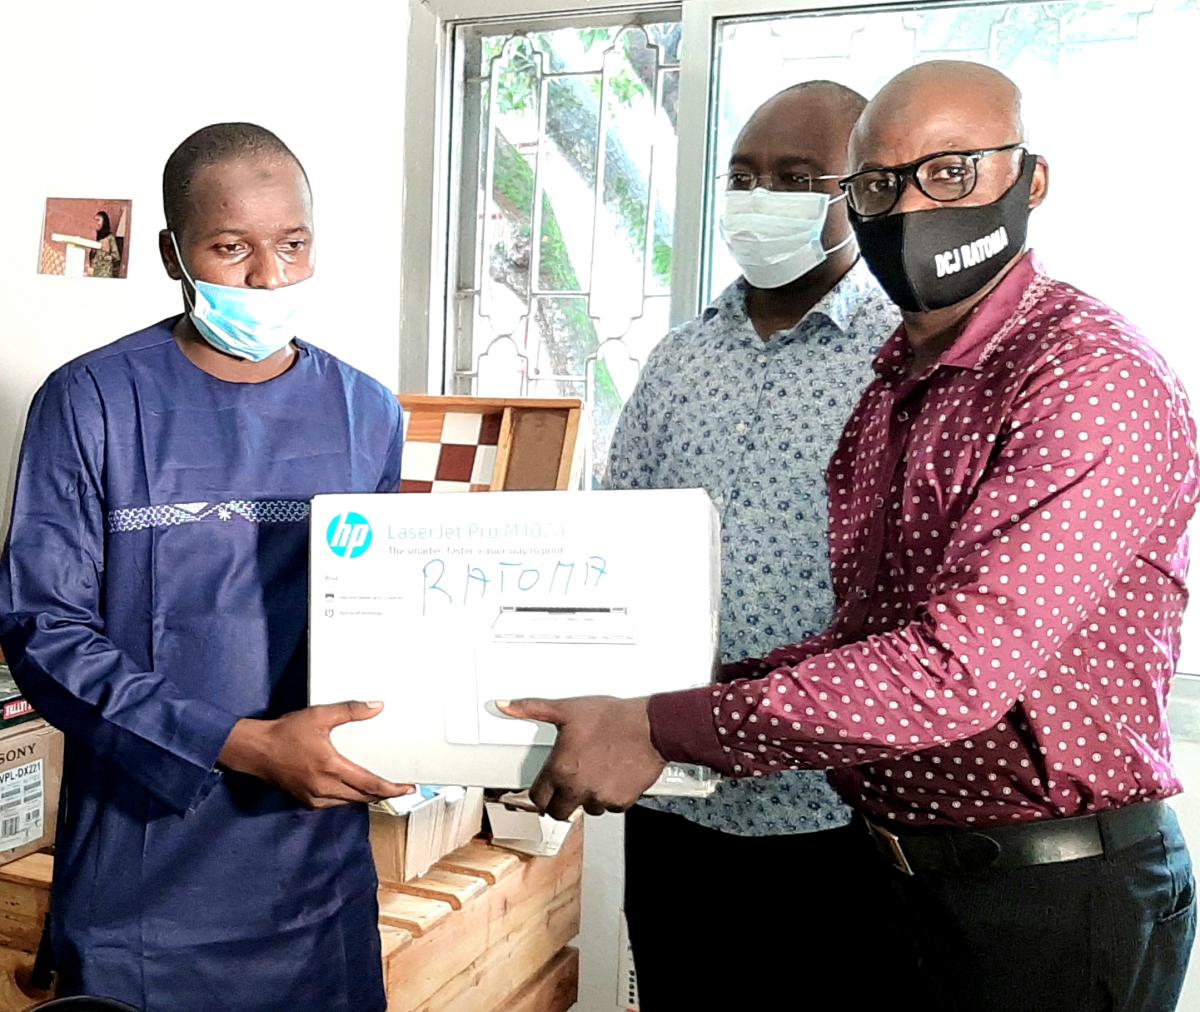 Centrafrique : Des prix décernés aux cinq lauréats du concours dessin sur la paix par l'ONG Search For Common Ground